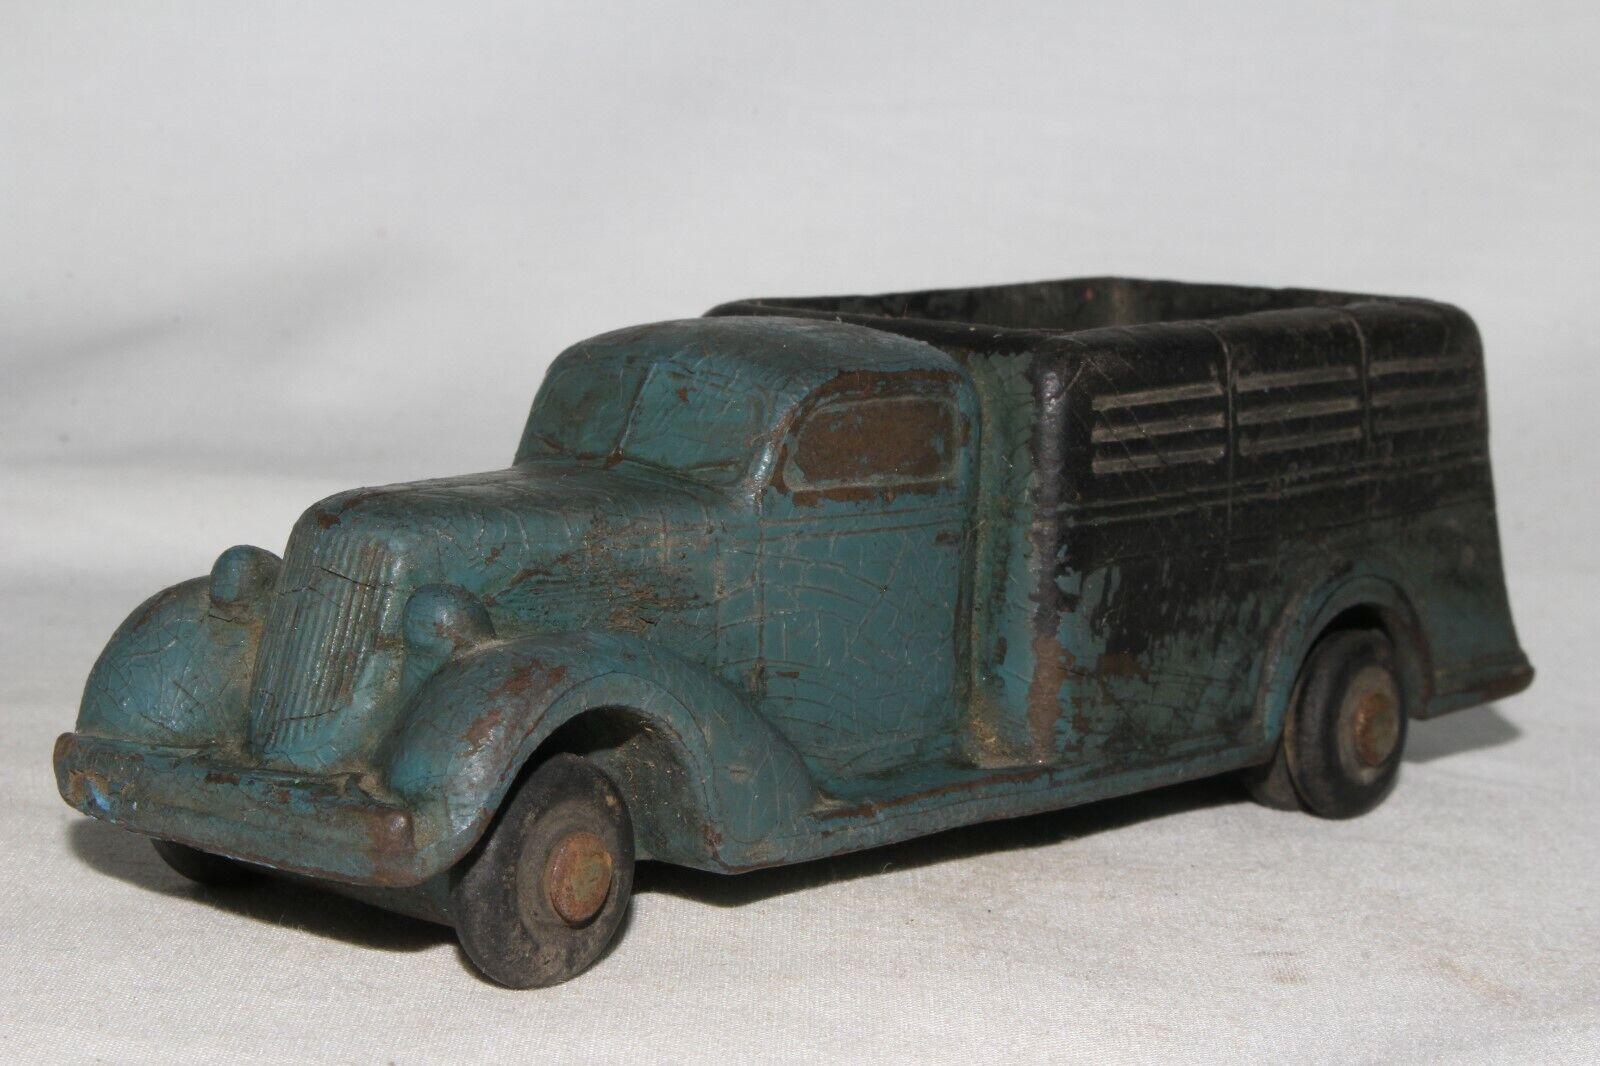 orden ahora disfrutar de gran descuento Arco iris de goma 1935 Studebaker Estaca Estaca Estaca Camión, Azul, Original  el mas reciente